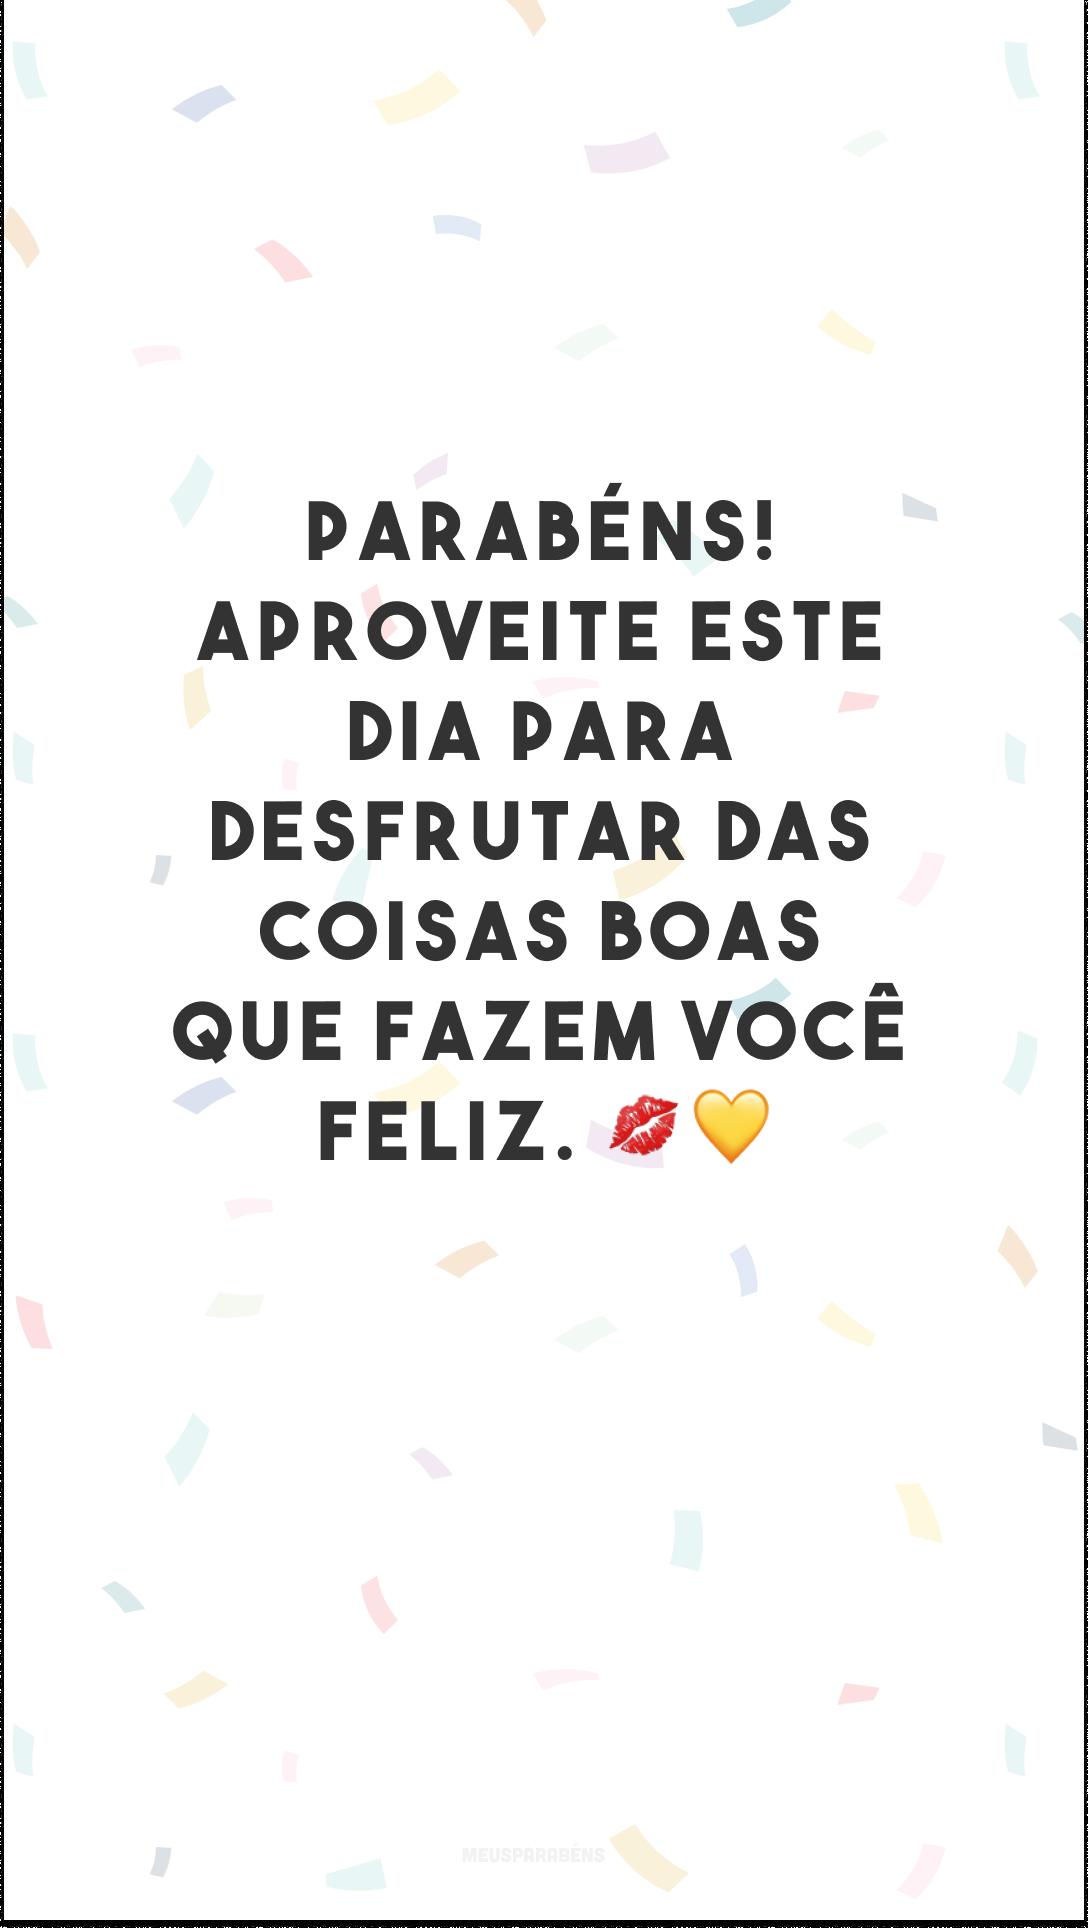 Parabéns! Aproveite este dia para desfrutar das coisas boas que fazem você feliz. 💋💛